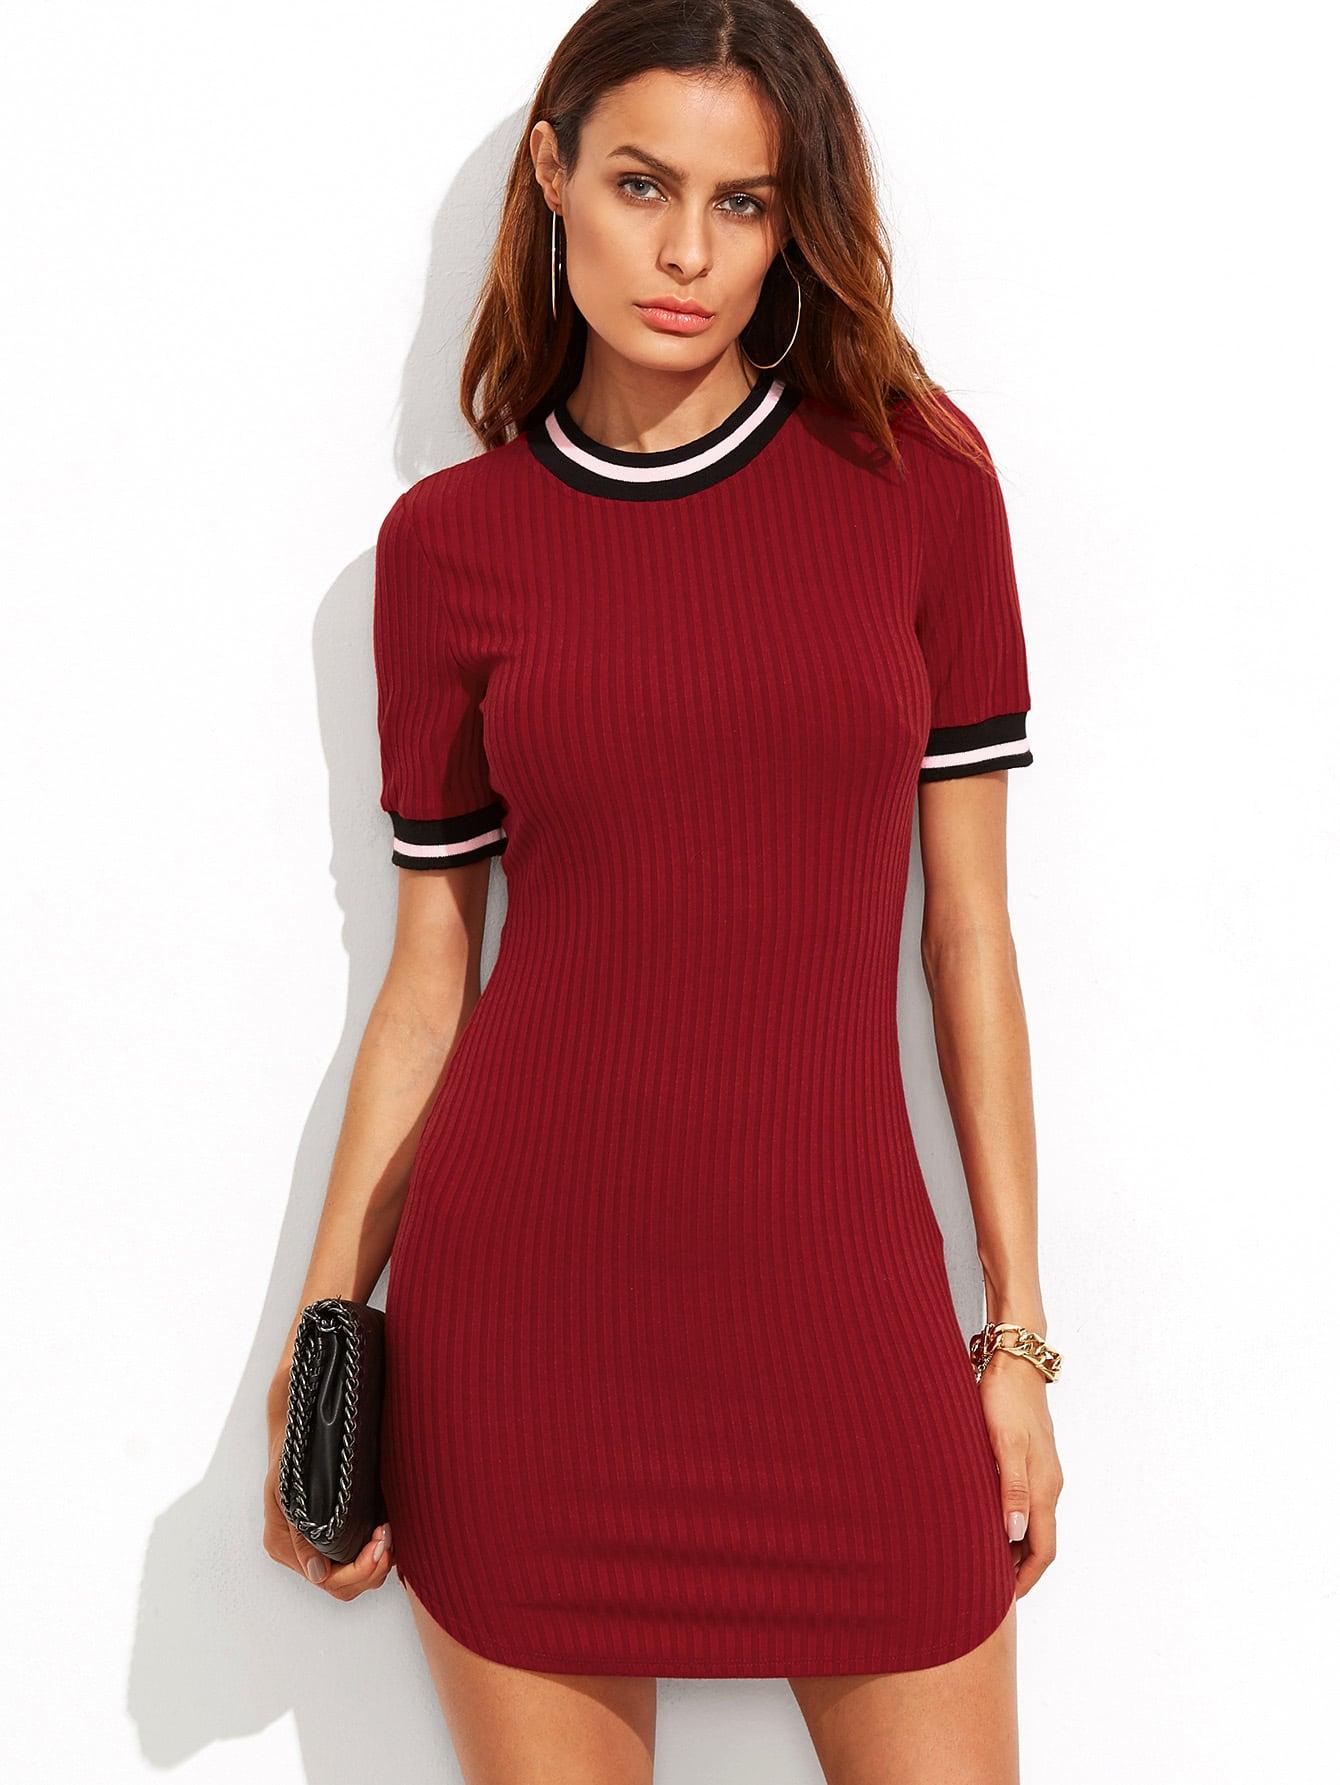 Burgundy Striped Trim Ribbed Knit Bodycon Dress dress160919705